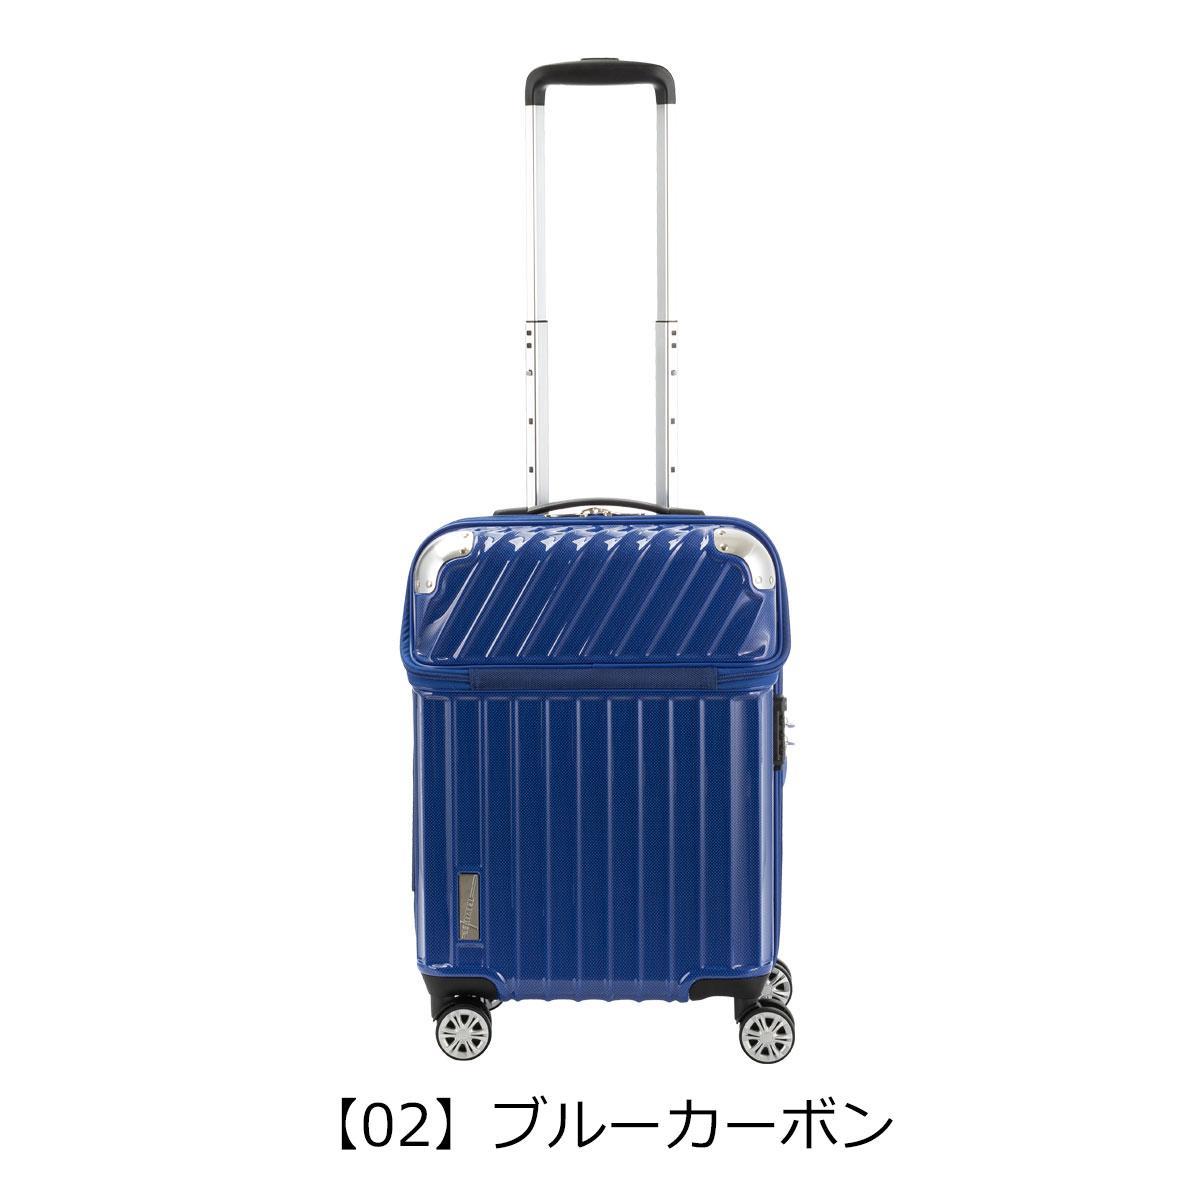 【02】ブルーカーボン